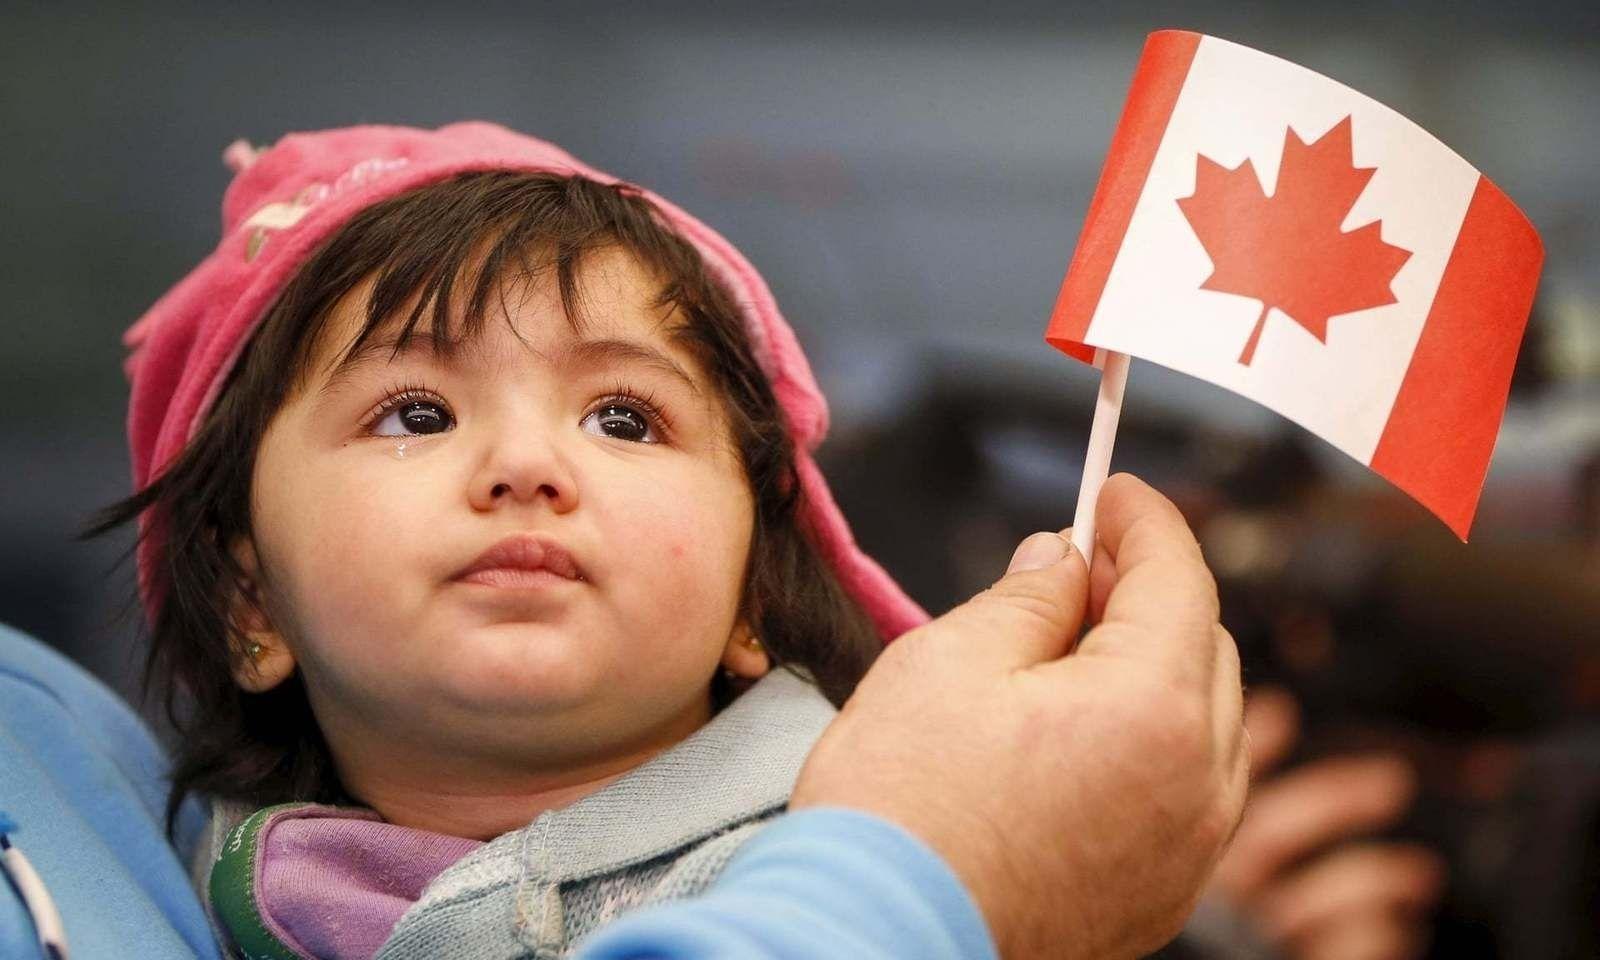 Канад улс анх удаа АНУ-аас илүү тооны цагаач хүлээн авжээ